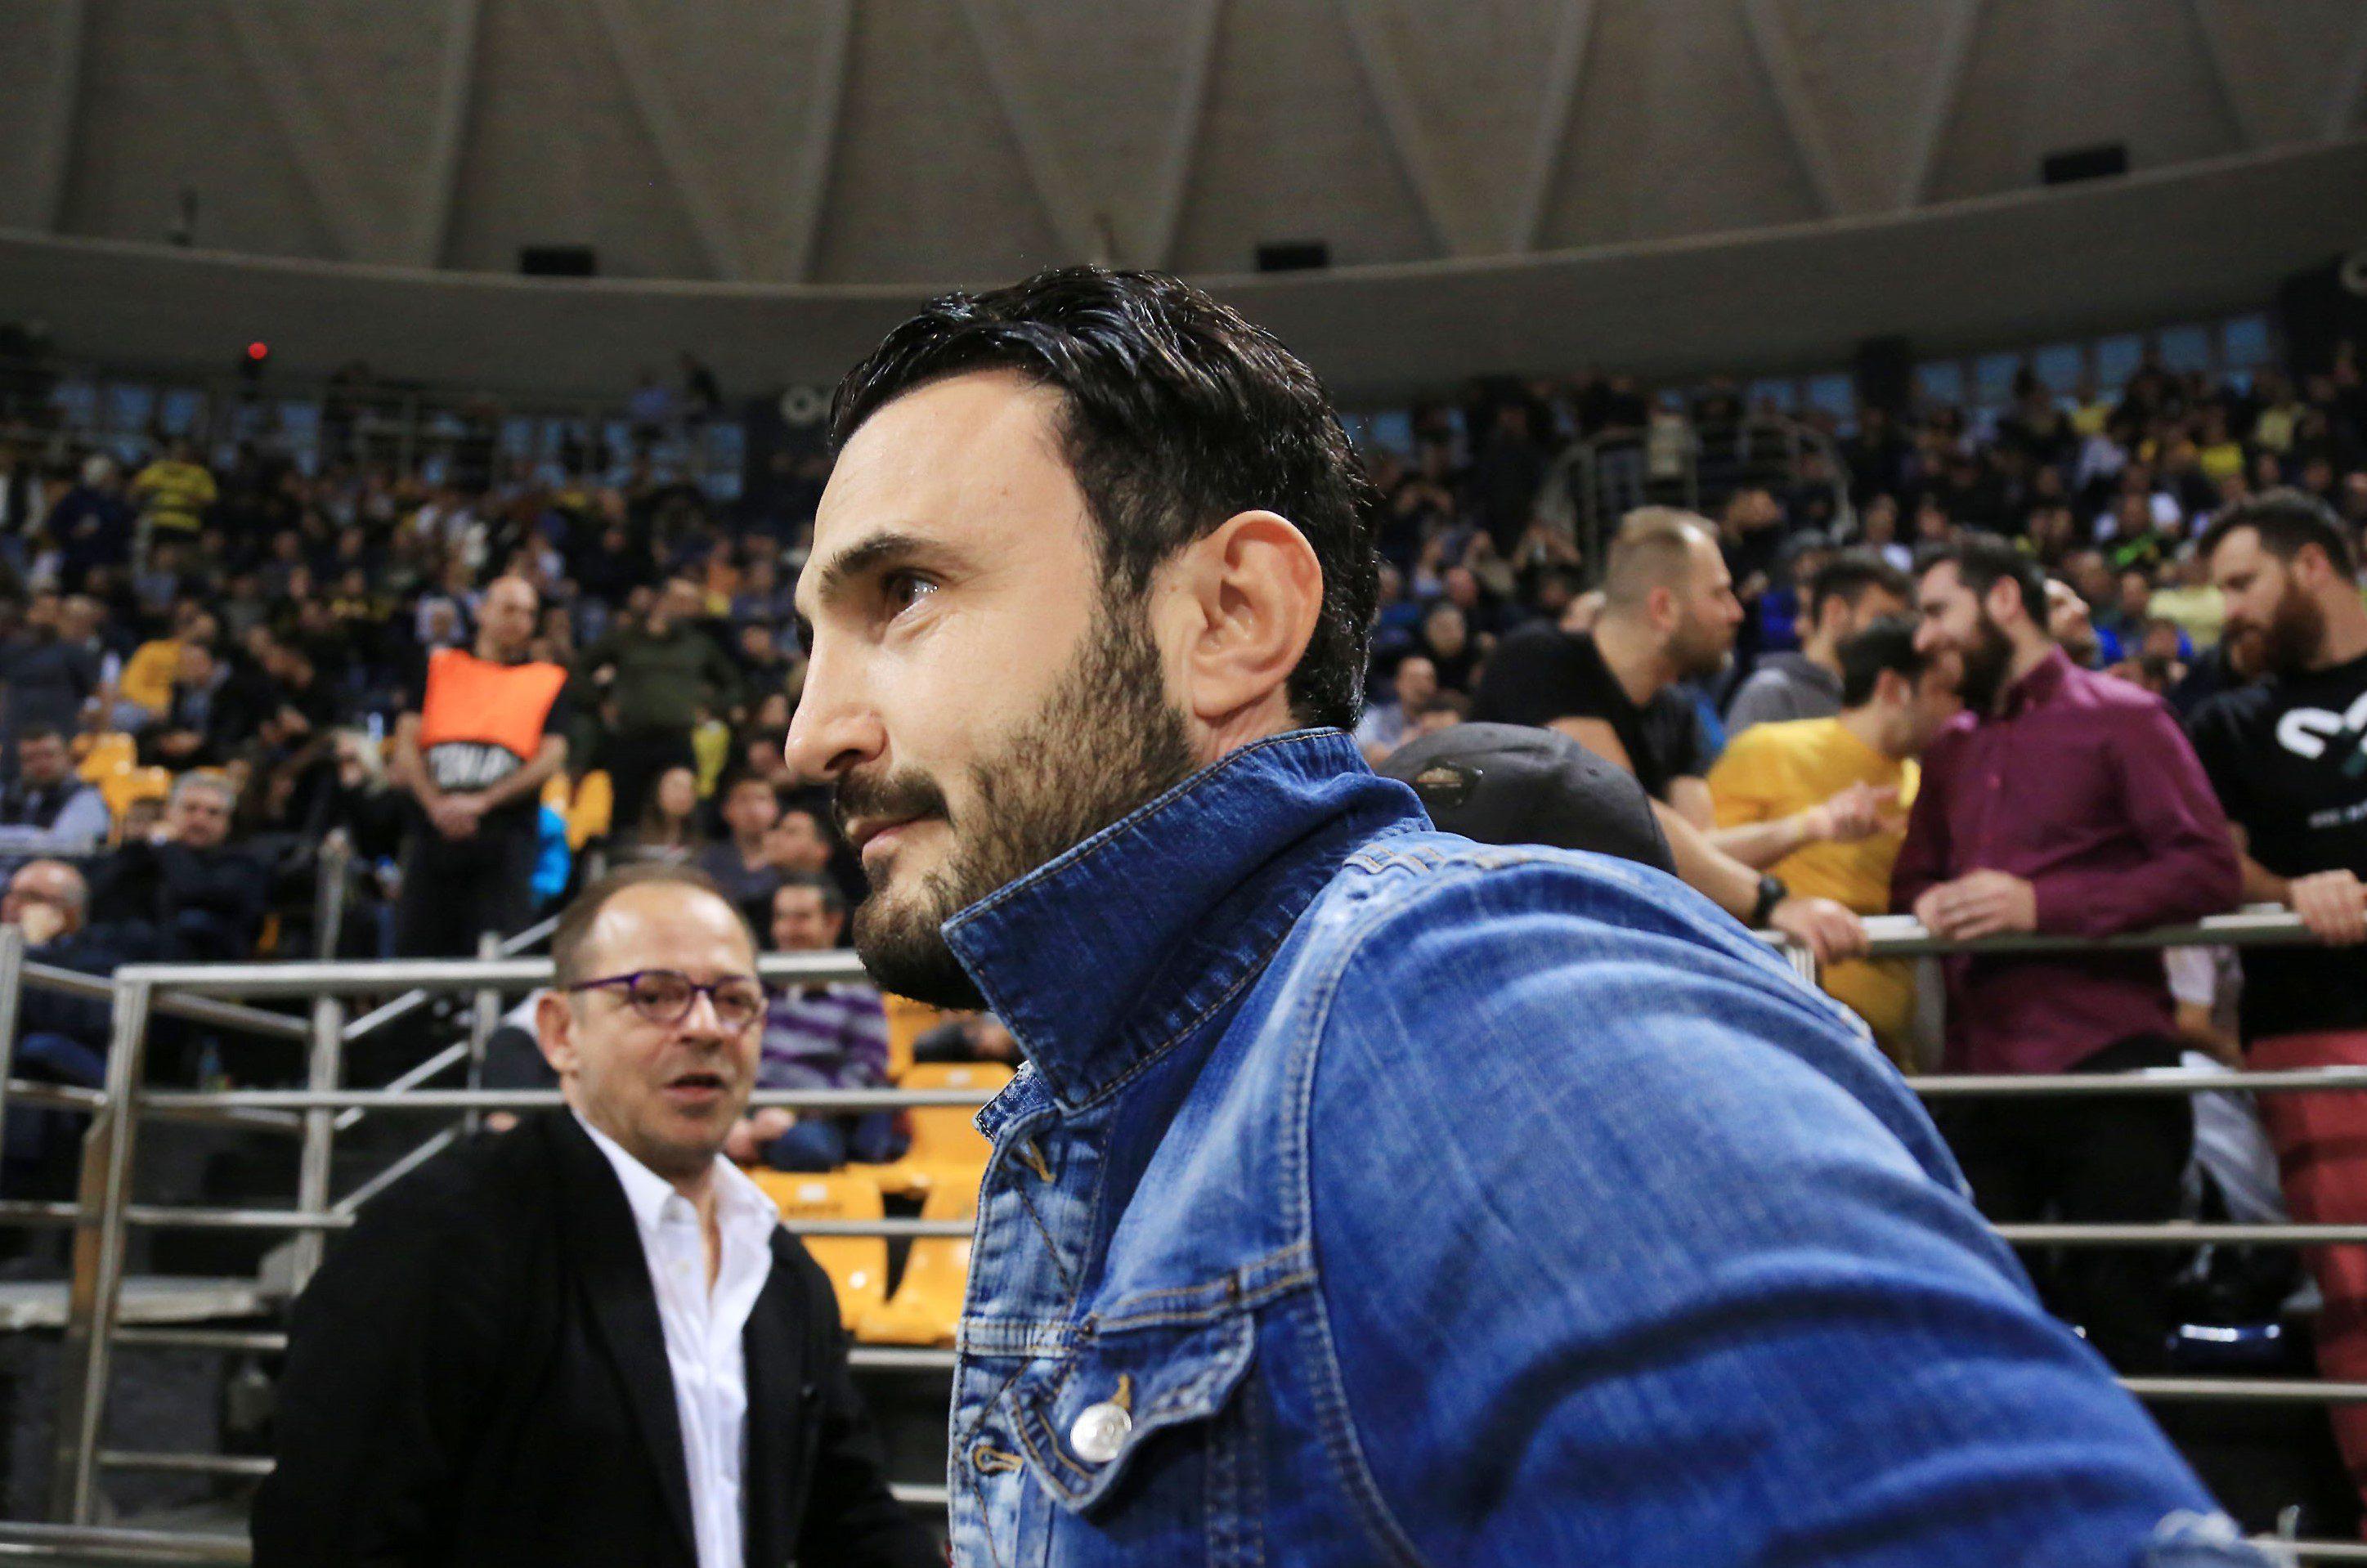 Ο Καρυπίδης είπε «όχι» στην πρόταση για την παραχώρηση των μετοχών - Sportime.GR